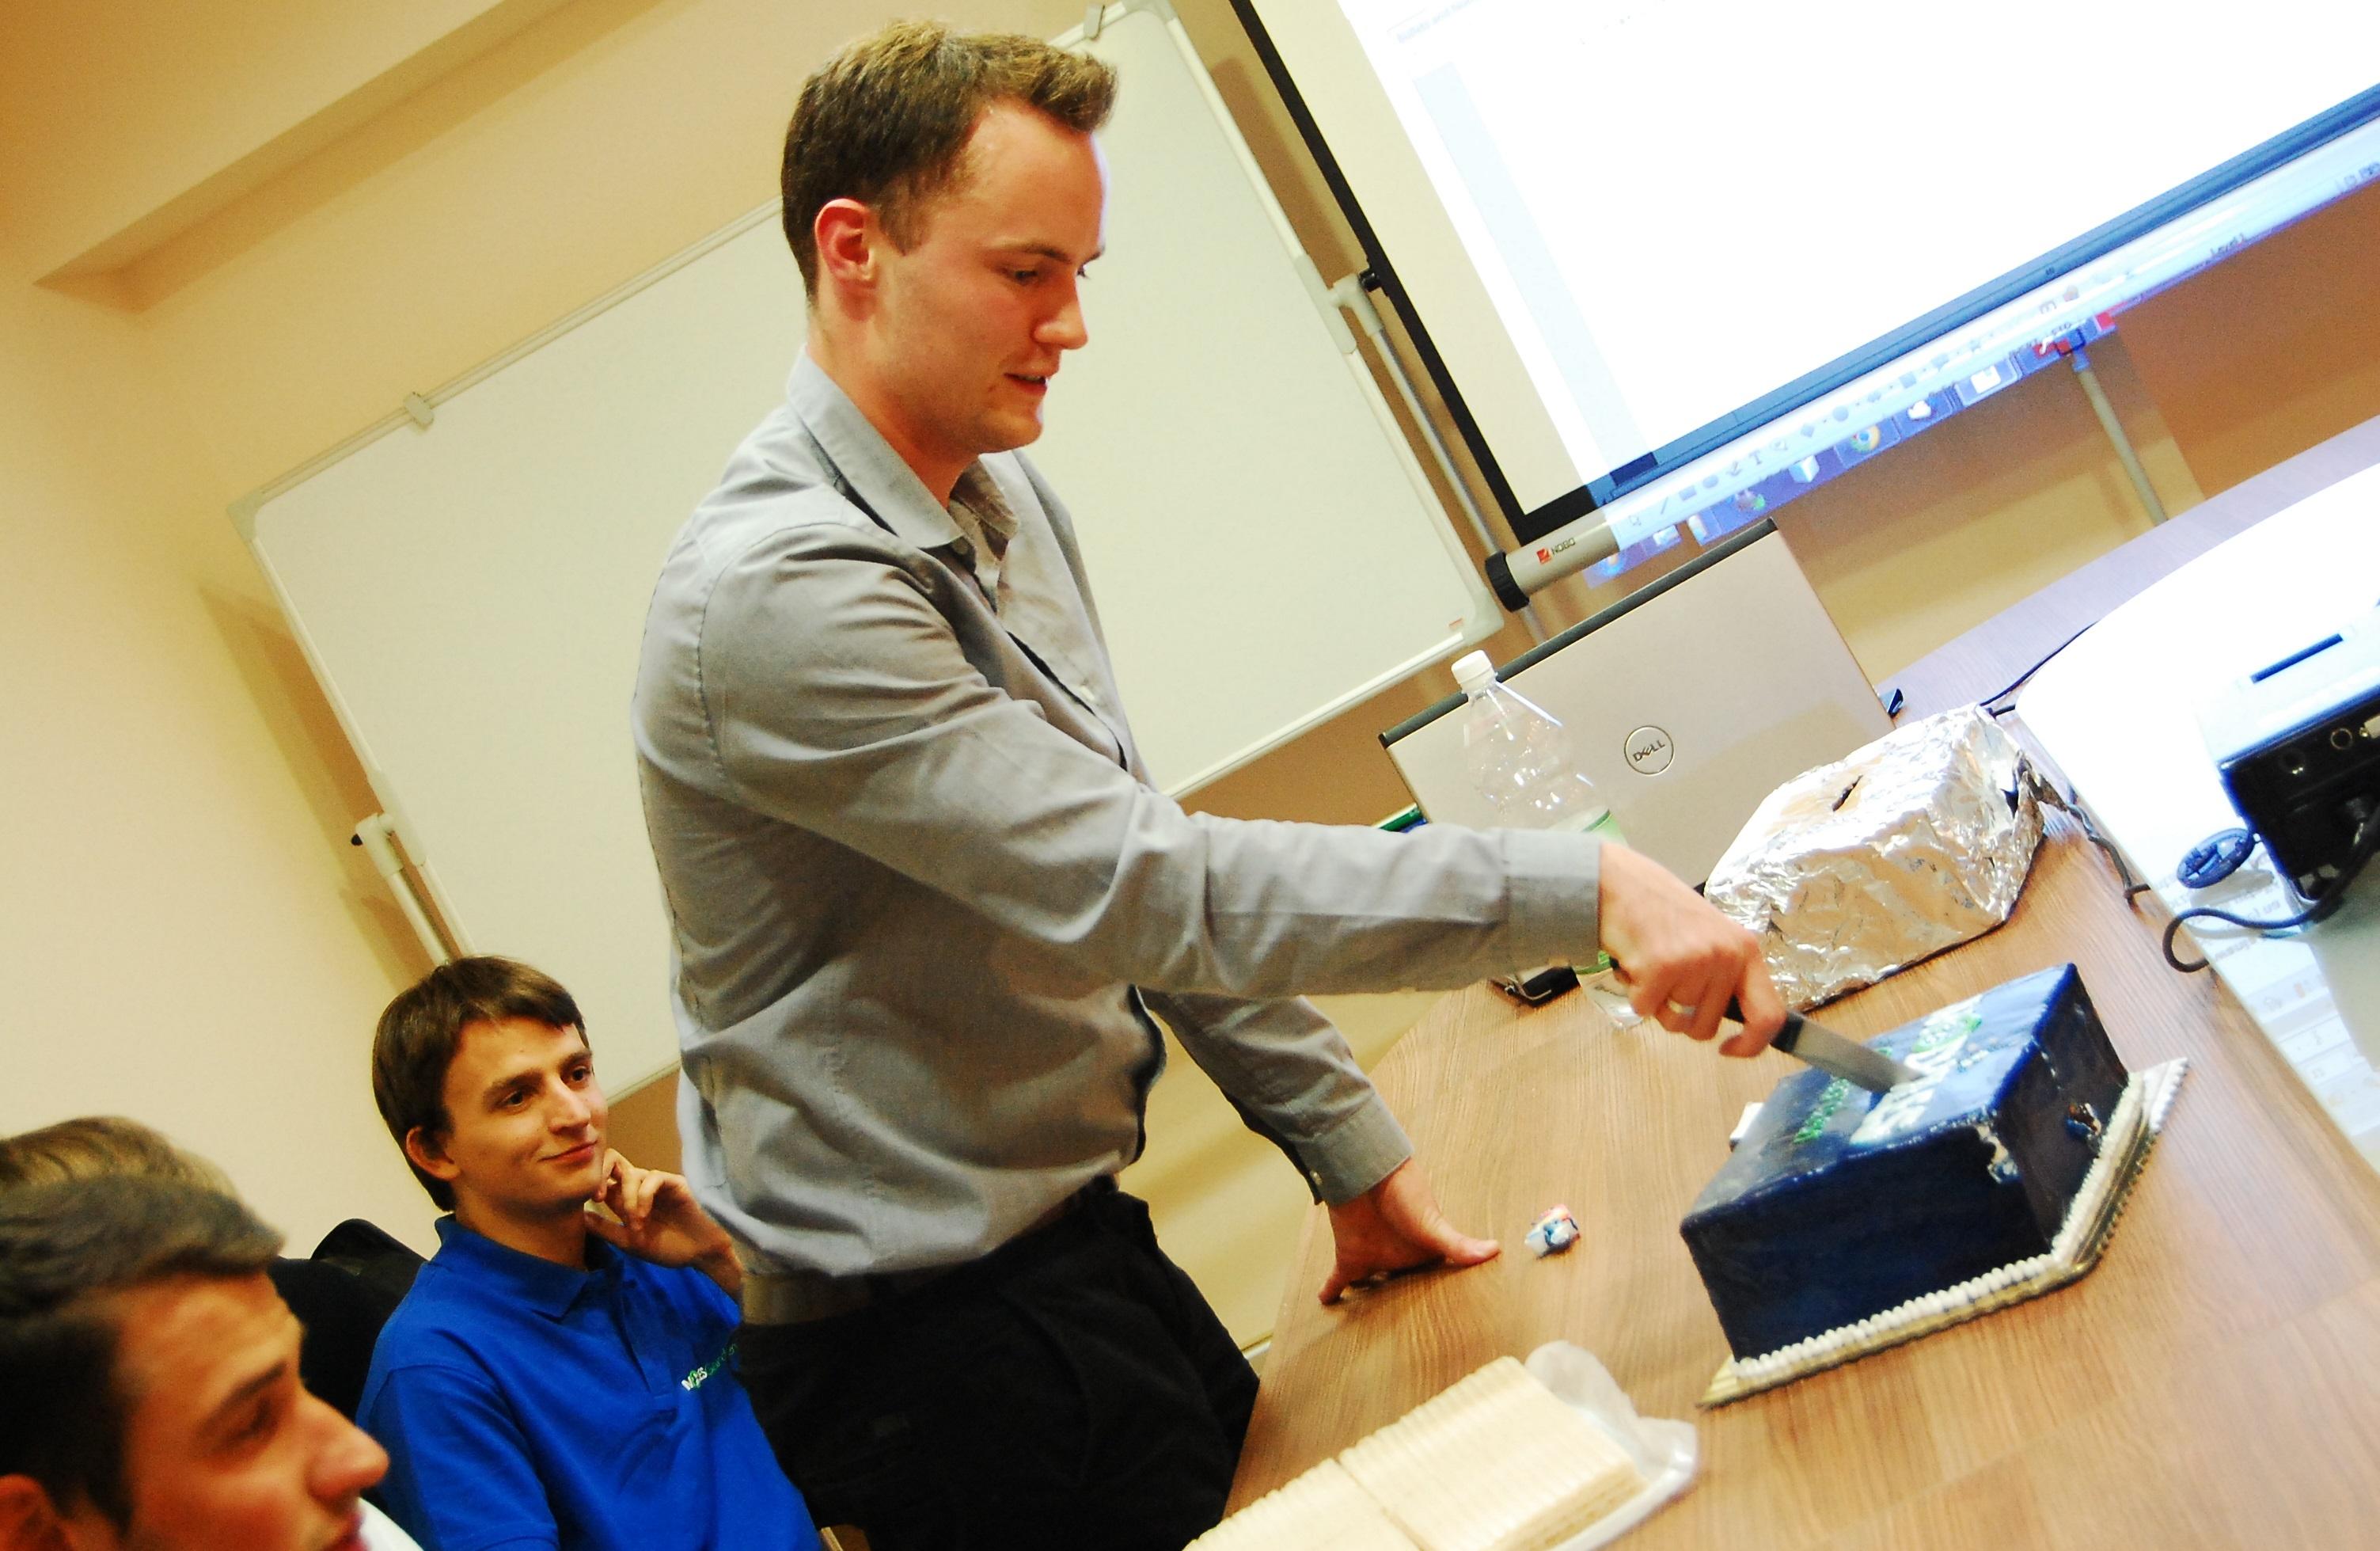 ModulesGarden CEO Konrad Keck Cutting A Cake